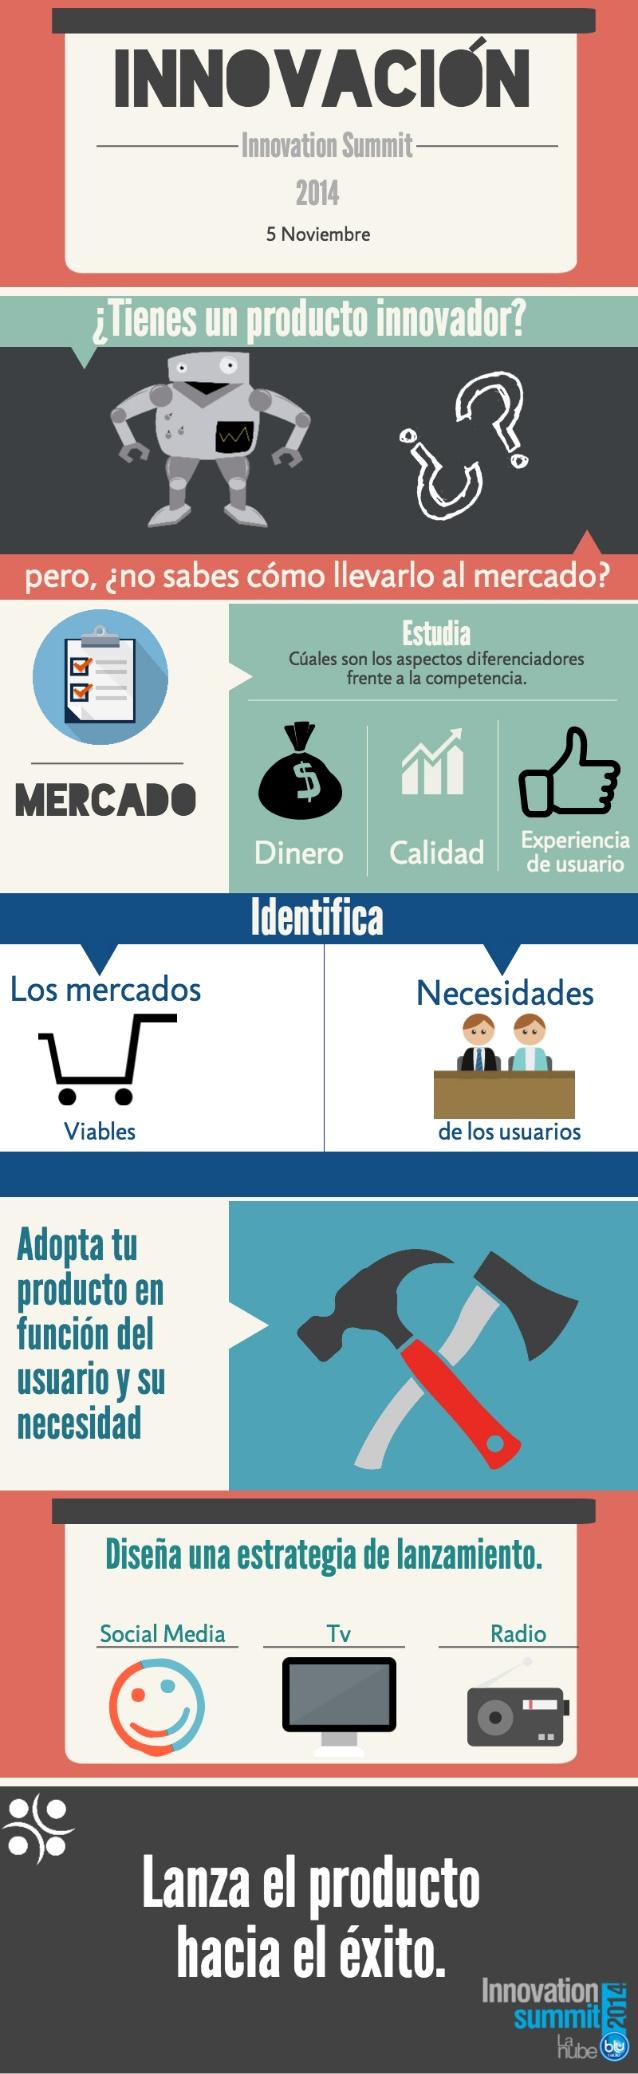 Cómo Lanzar Un Producto Innovador Emprendimiento Productos Innovadores Marketing Emprendimiento